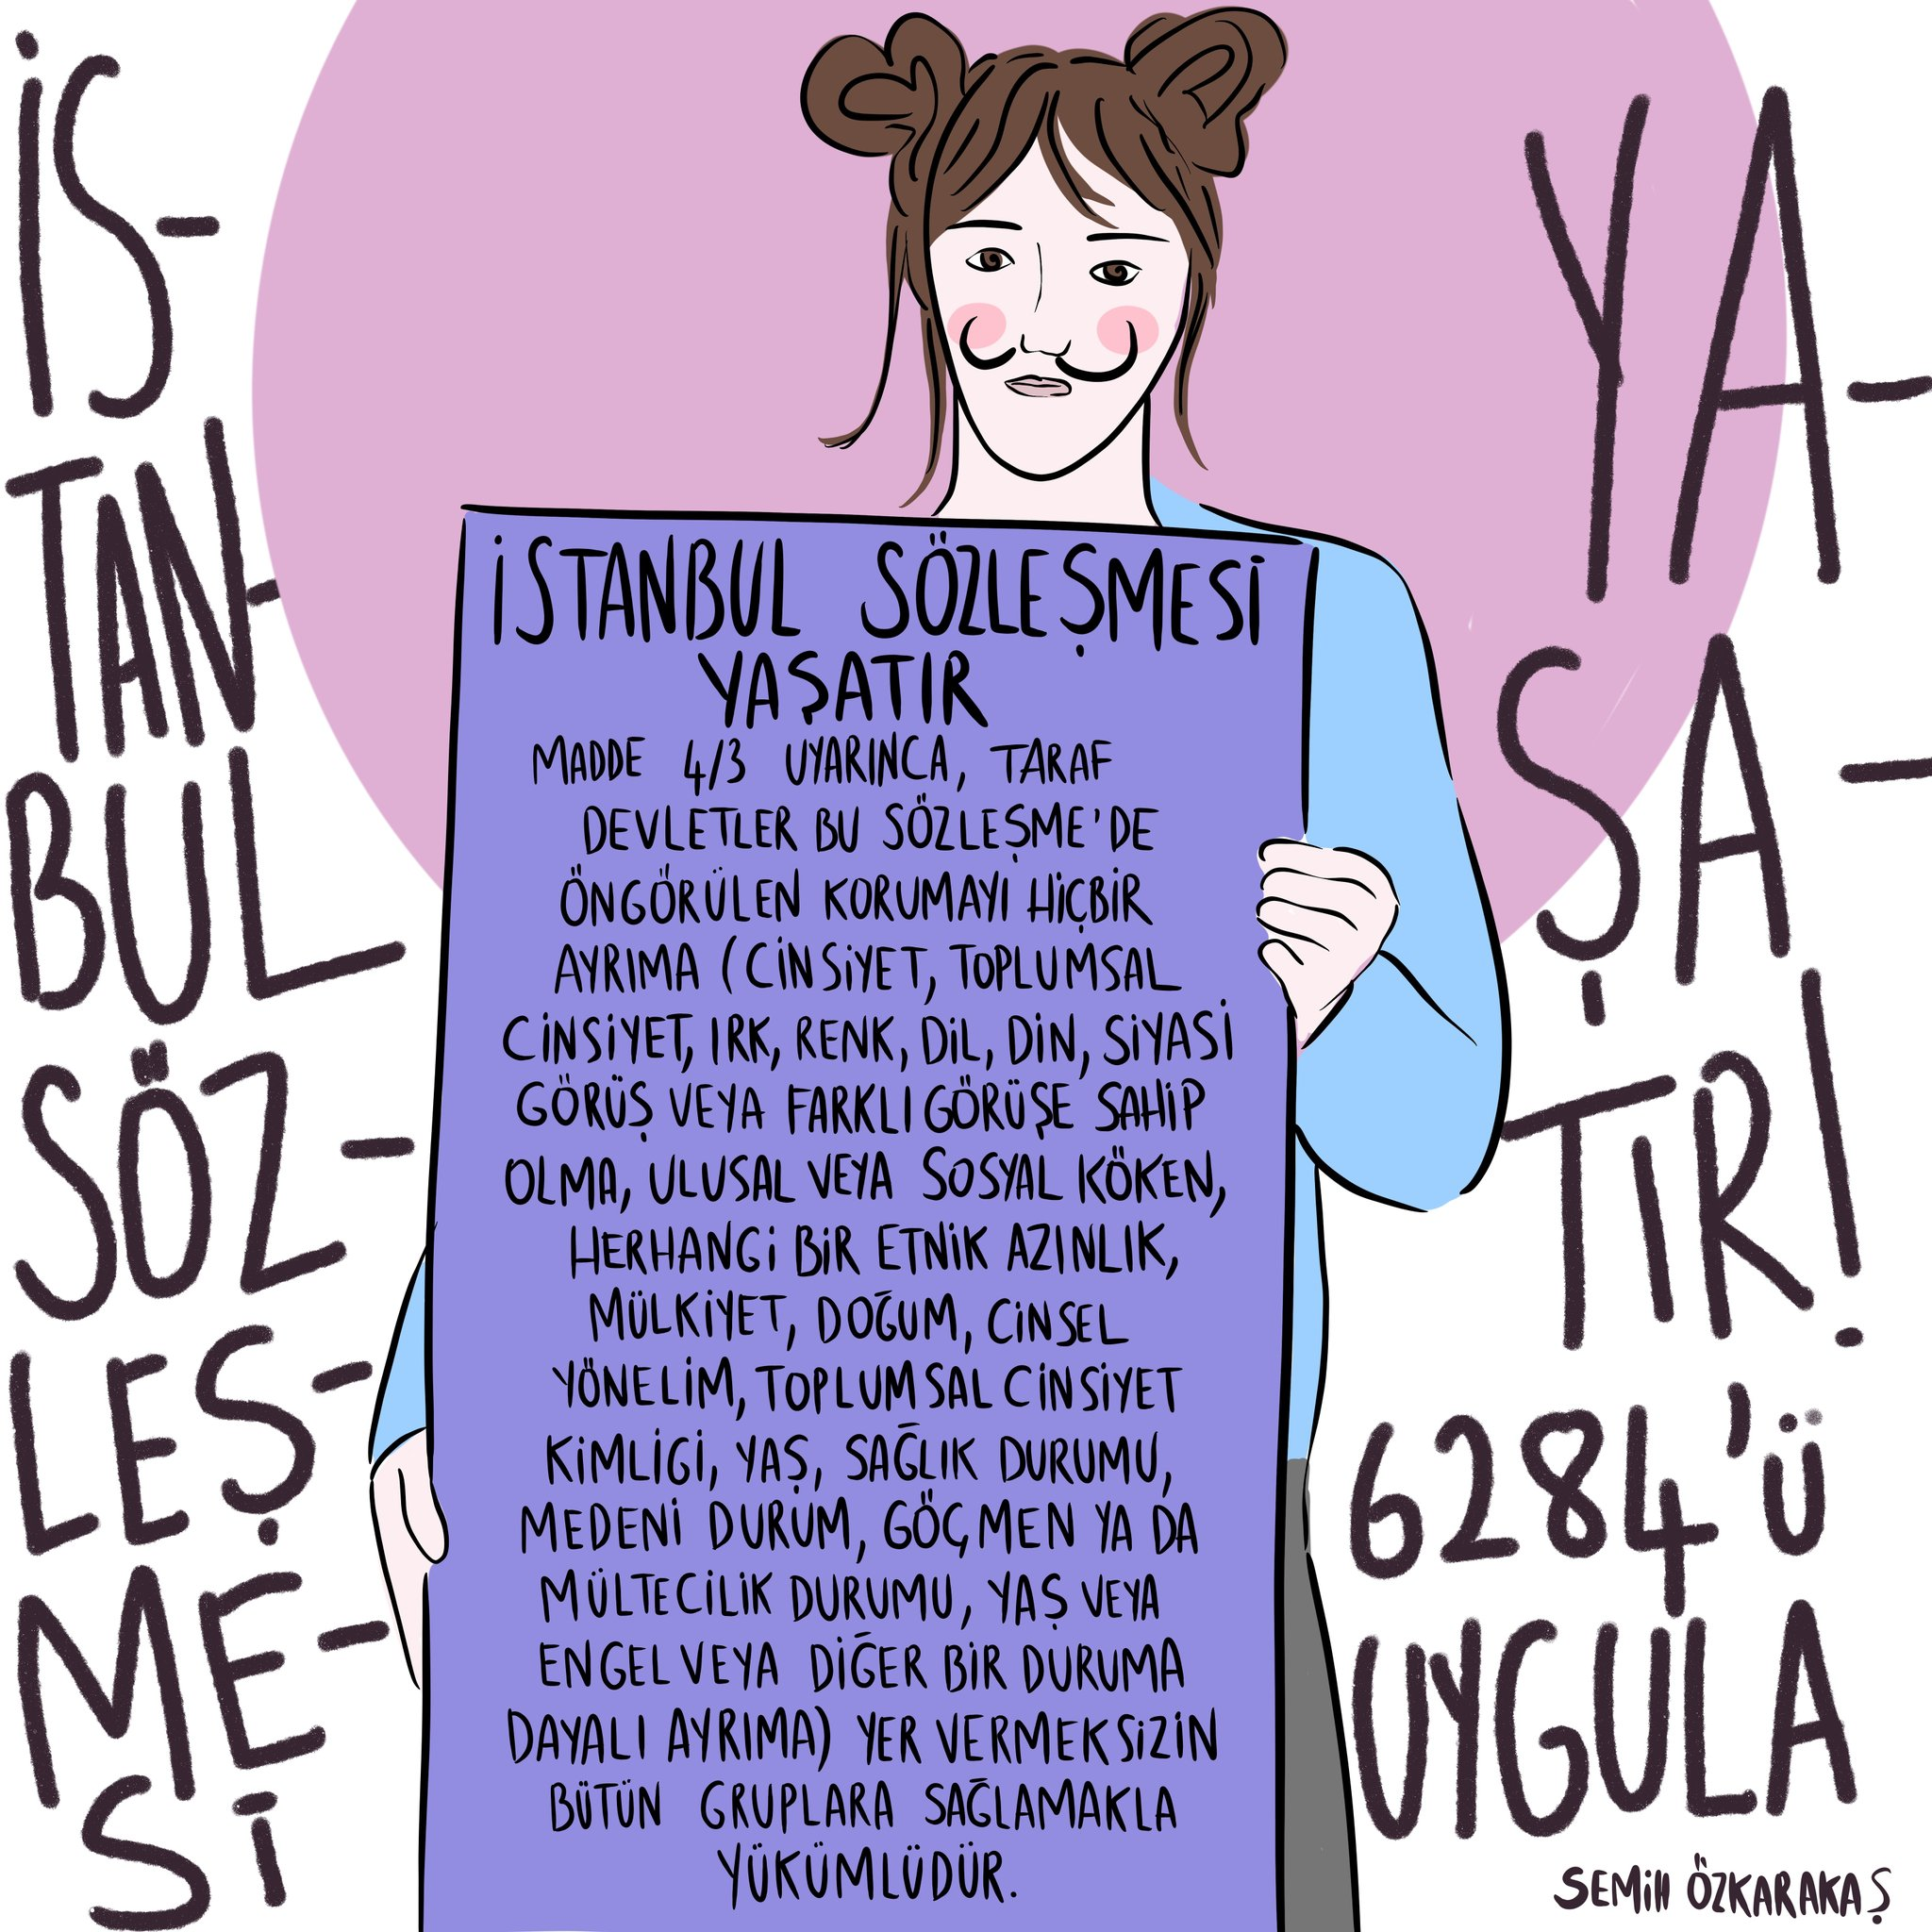 lubunya-cizgiler-istanbul-sozlesmesi-nden-vazgecmiyoruz-1.jpg